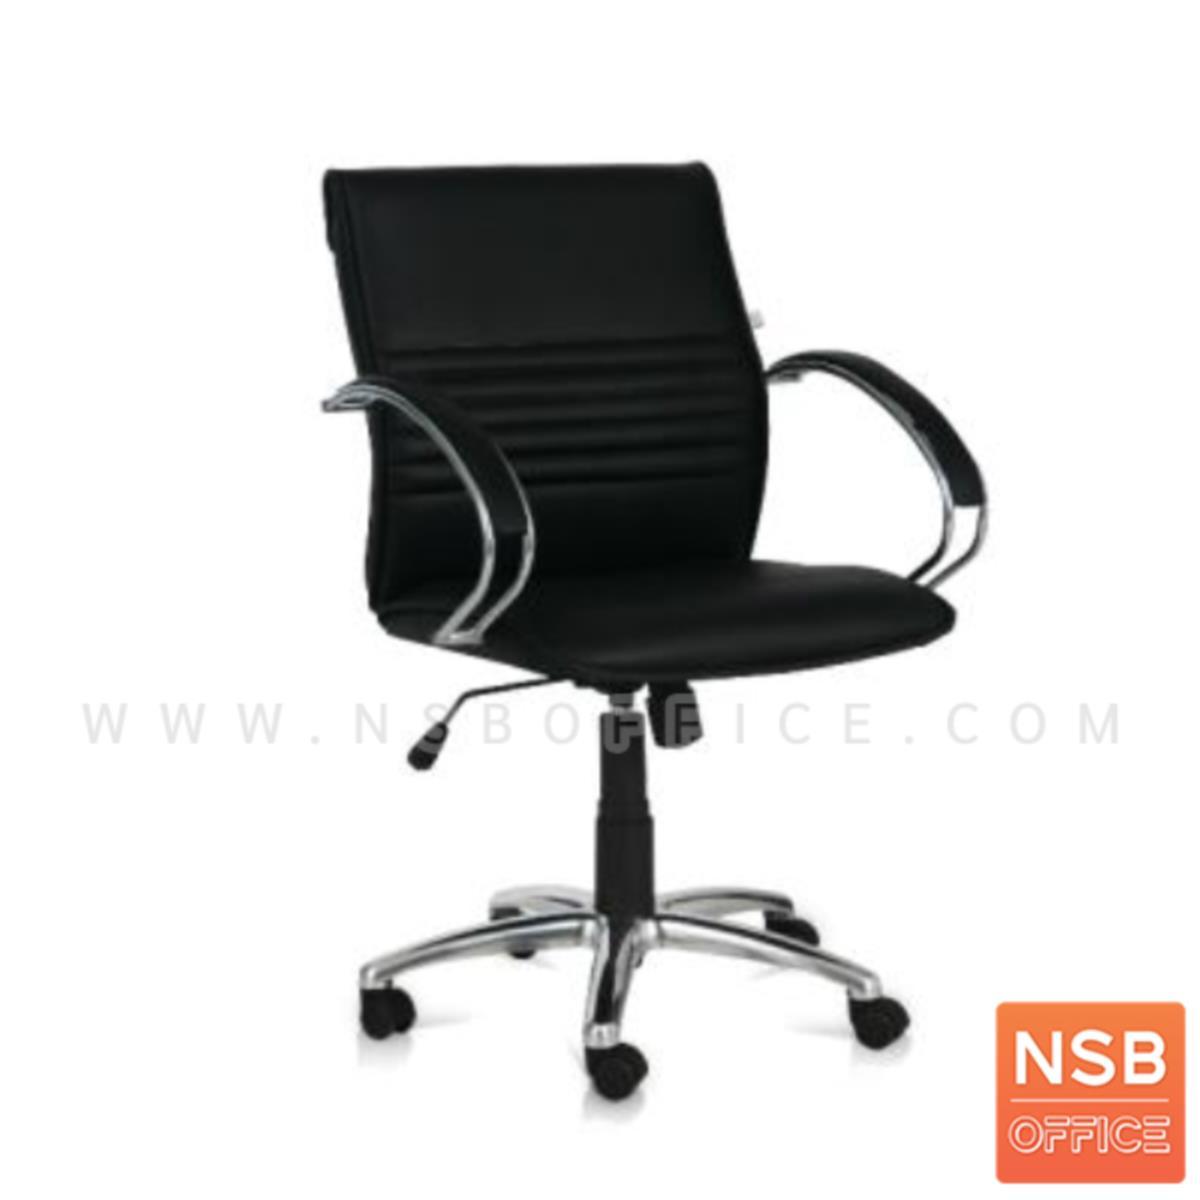 B26A146:เก้าอี้สำนักงาน รุ่น Foster (ฟอสเตอร์)  โช๊คแก๊ส ก้อนโยก ขาอลูมิเนียม